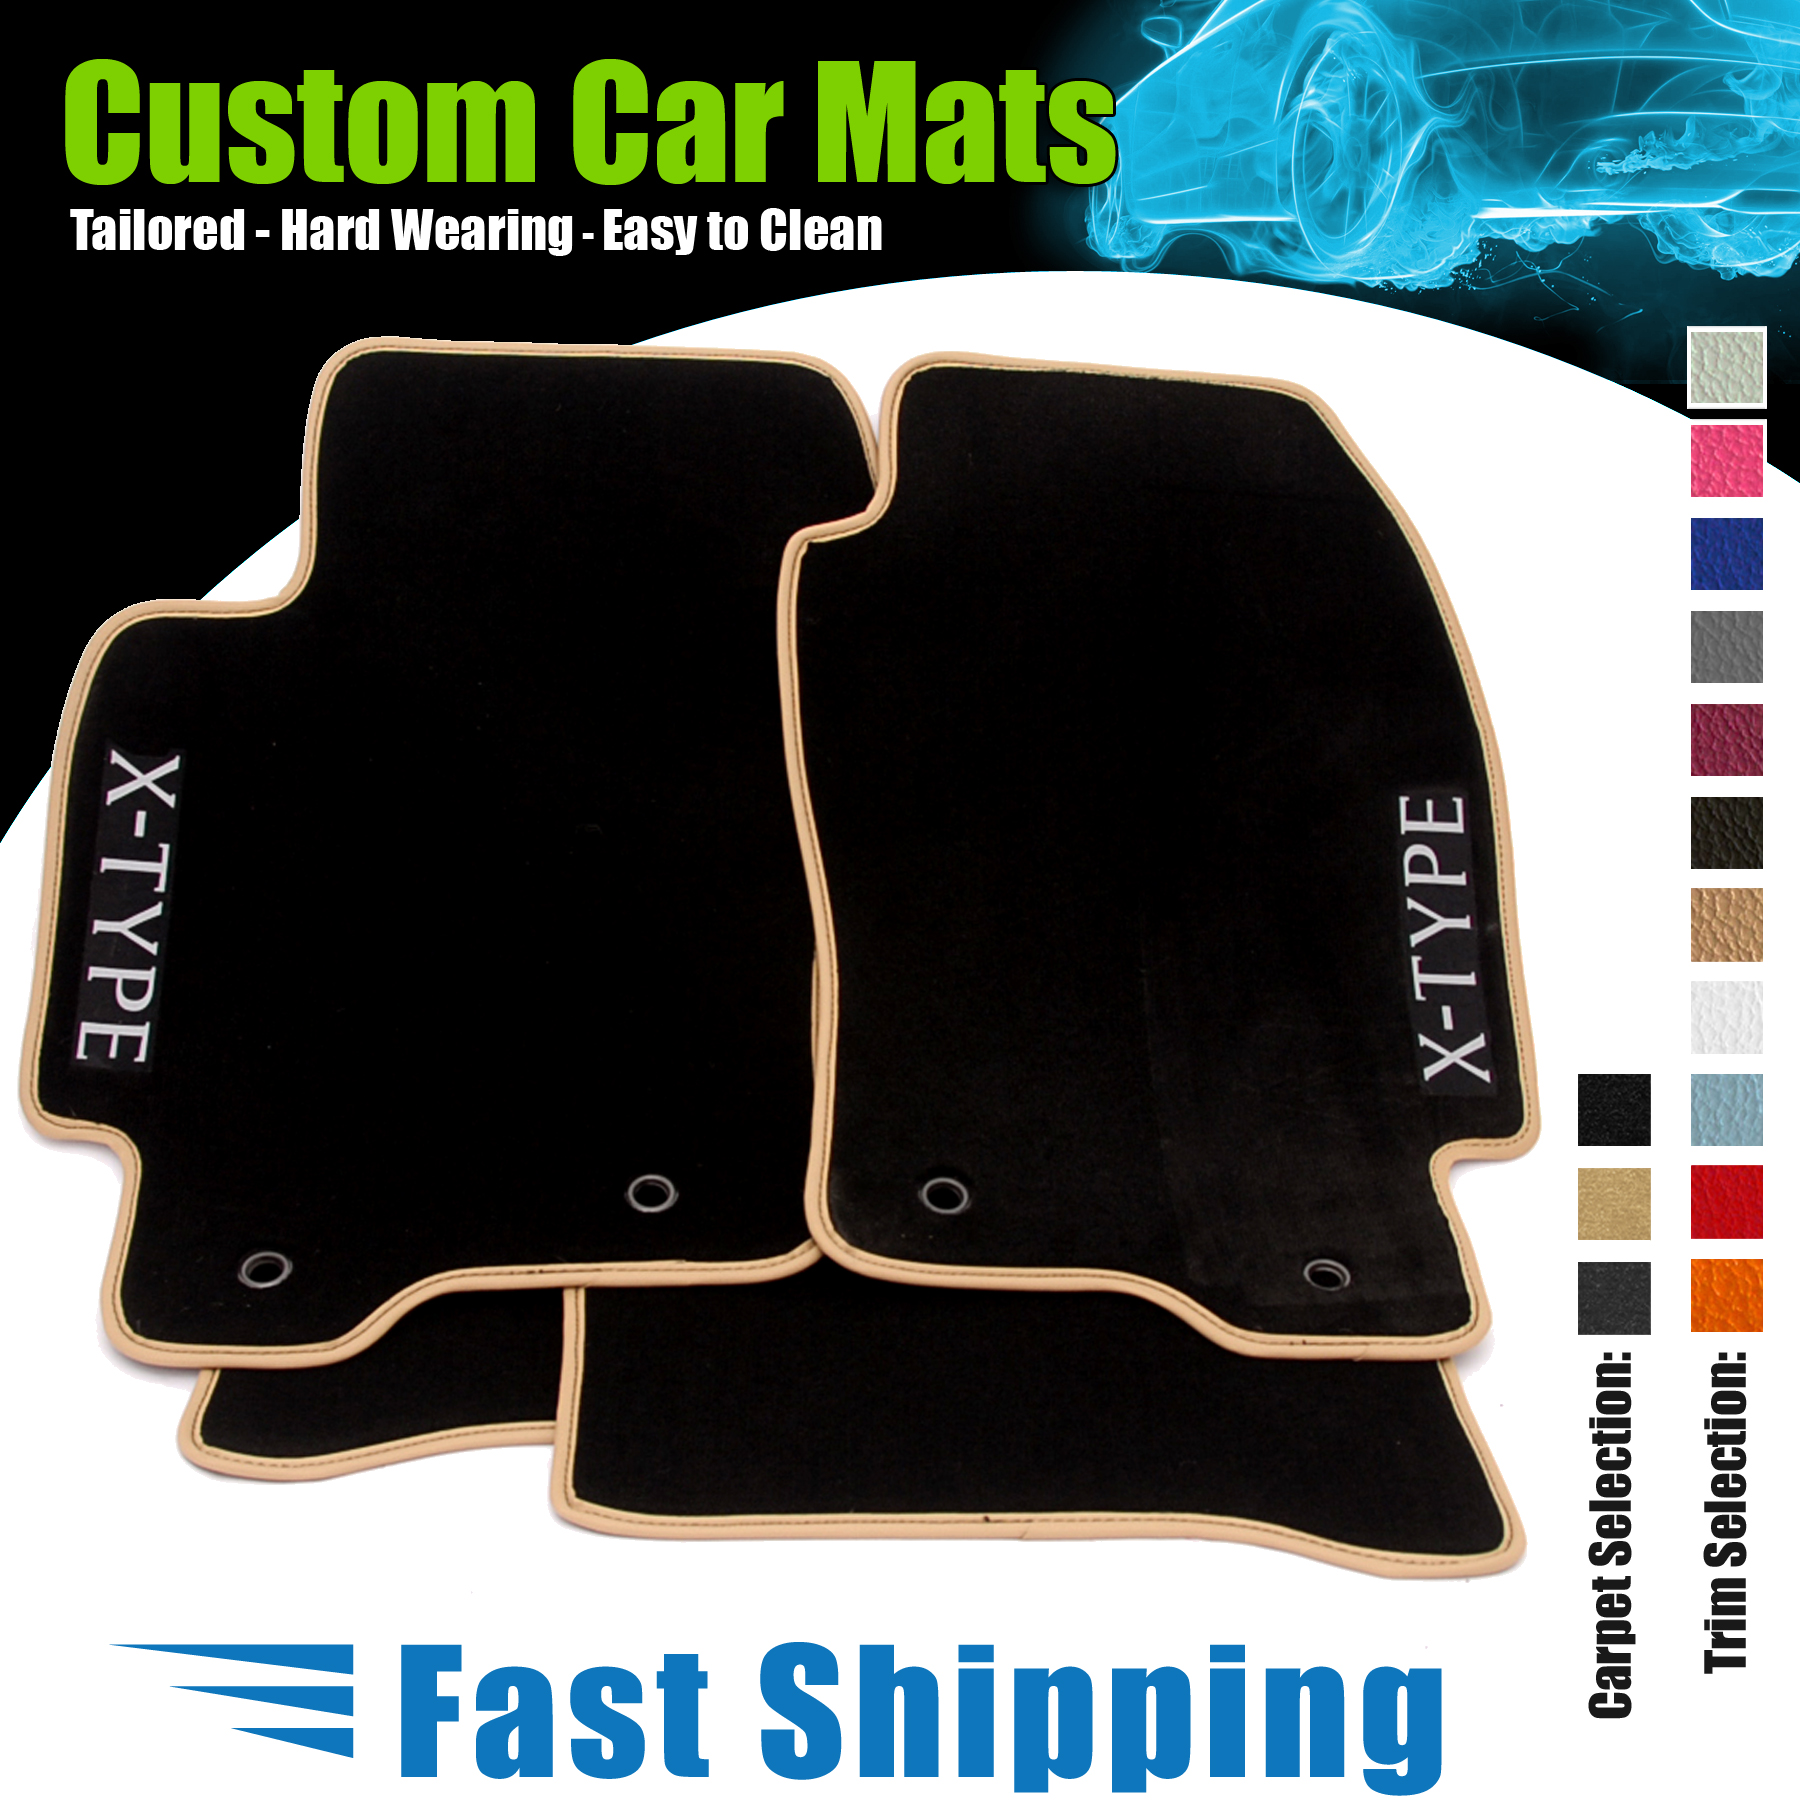 Floor mats jaguar s type - Item Specifics